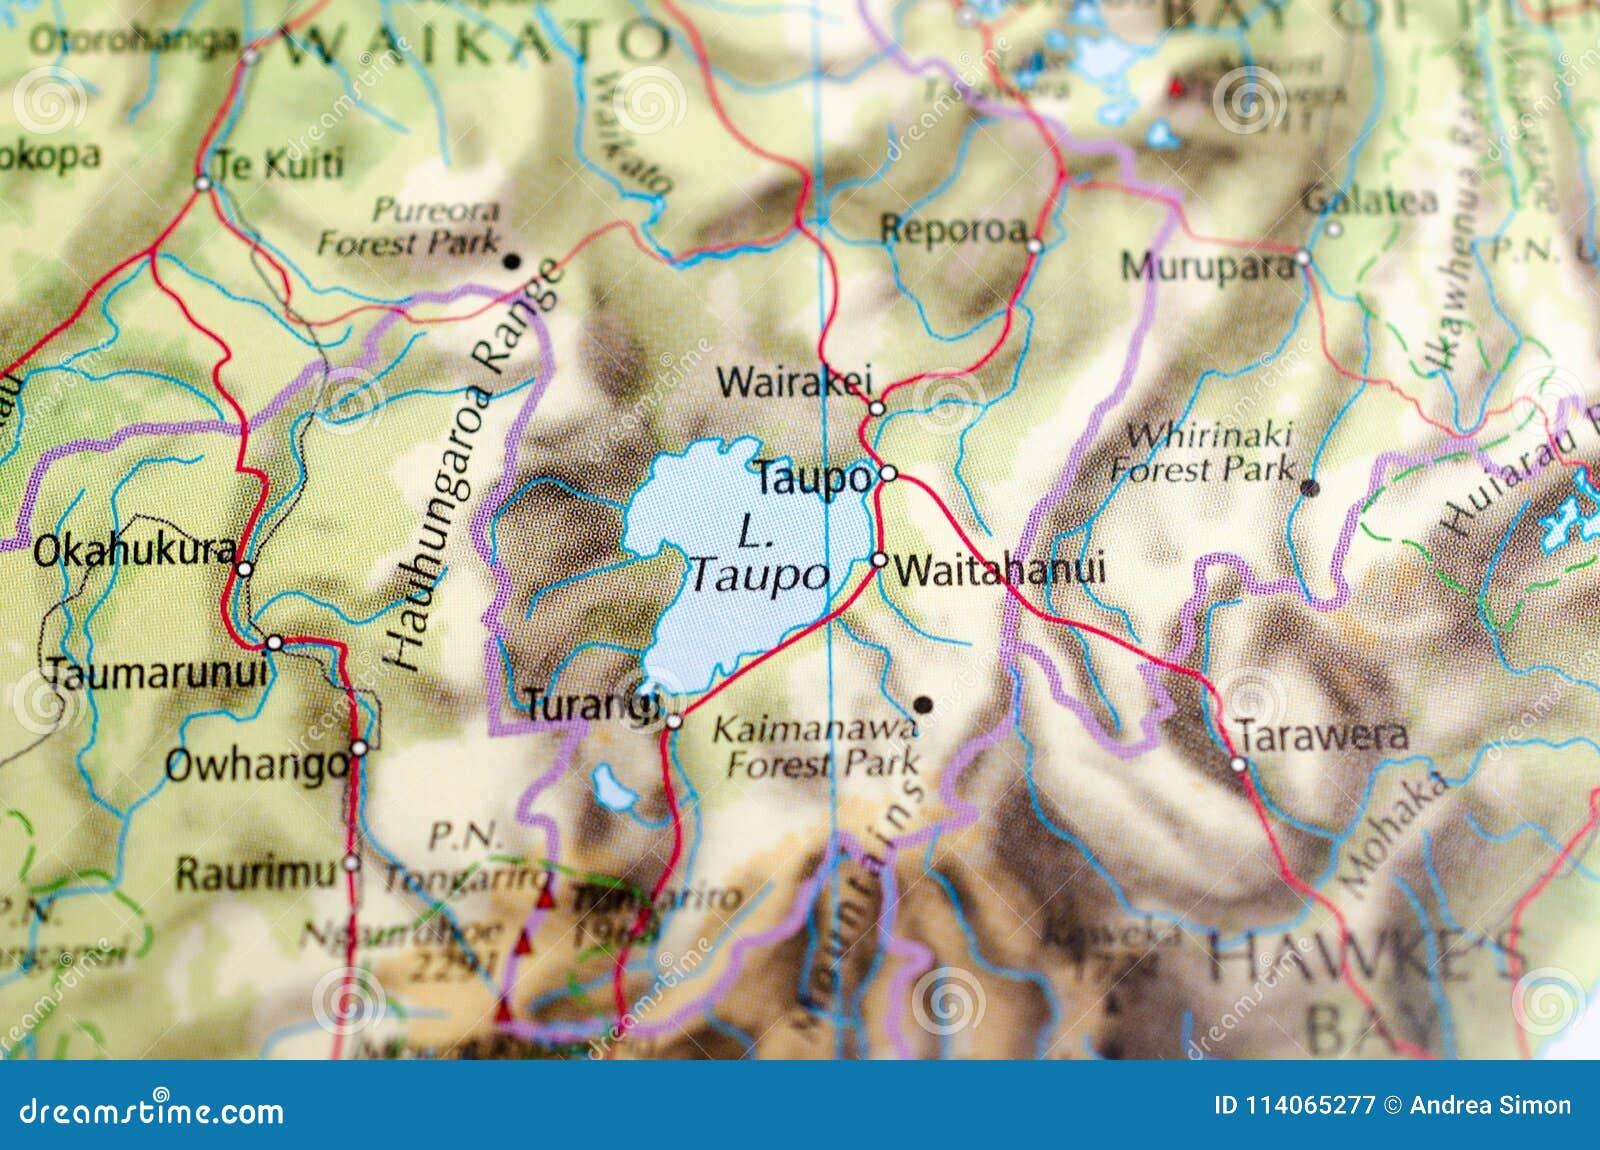 Taupo New Zealand Map.Lake Taupo On Map Stock Image Image Of Satelite City 114065277